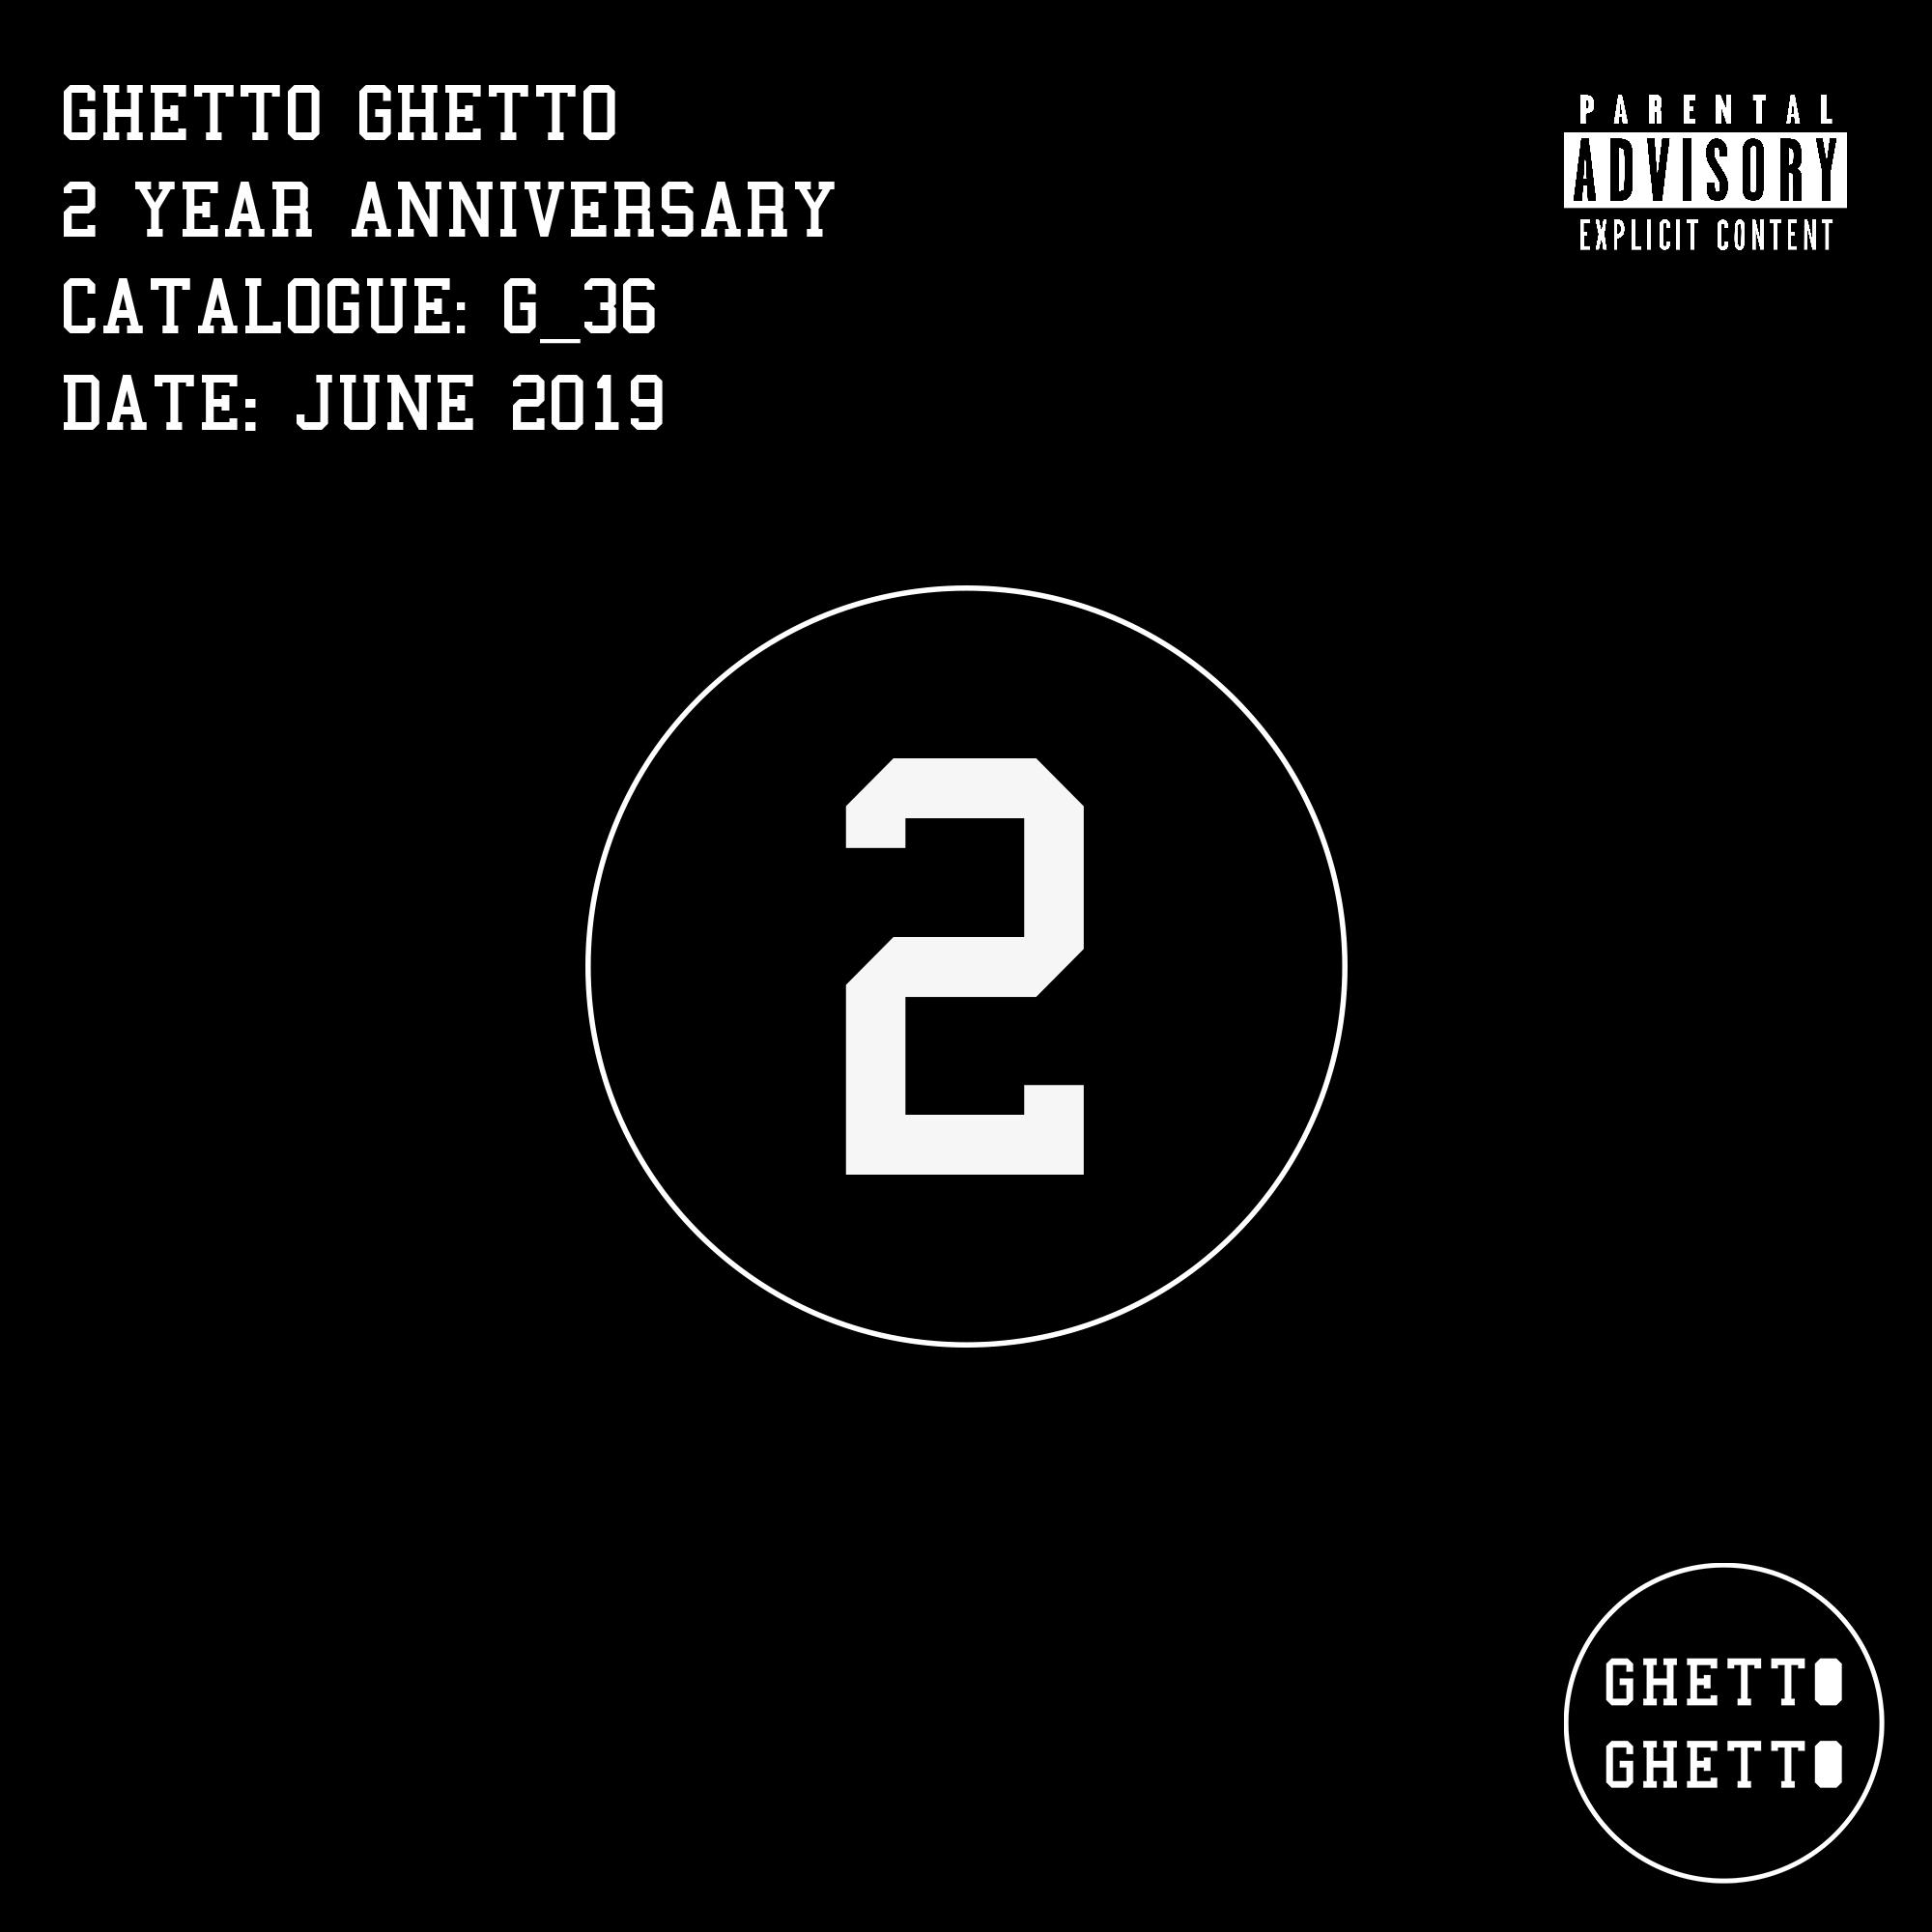 G_36 - 2 Year Anniversary